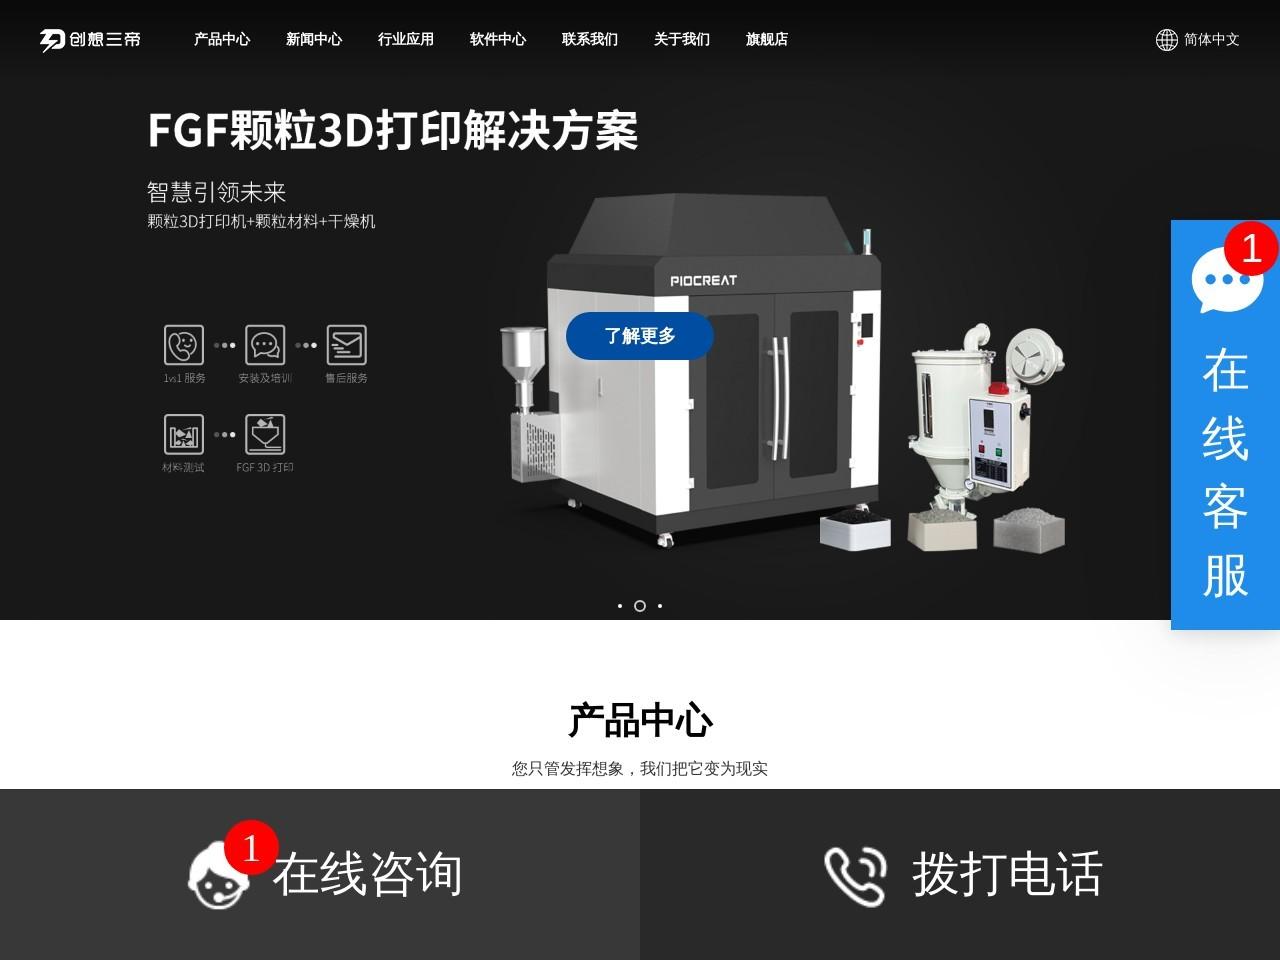 【创想三帝】工业级3D打印机_光固化3D打印机_颗粒物3D打印机品牌厂家